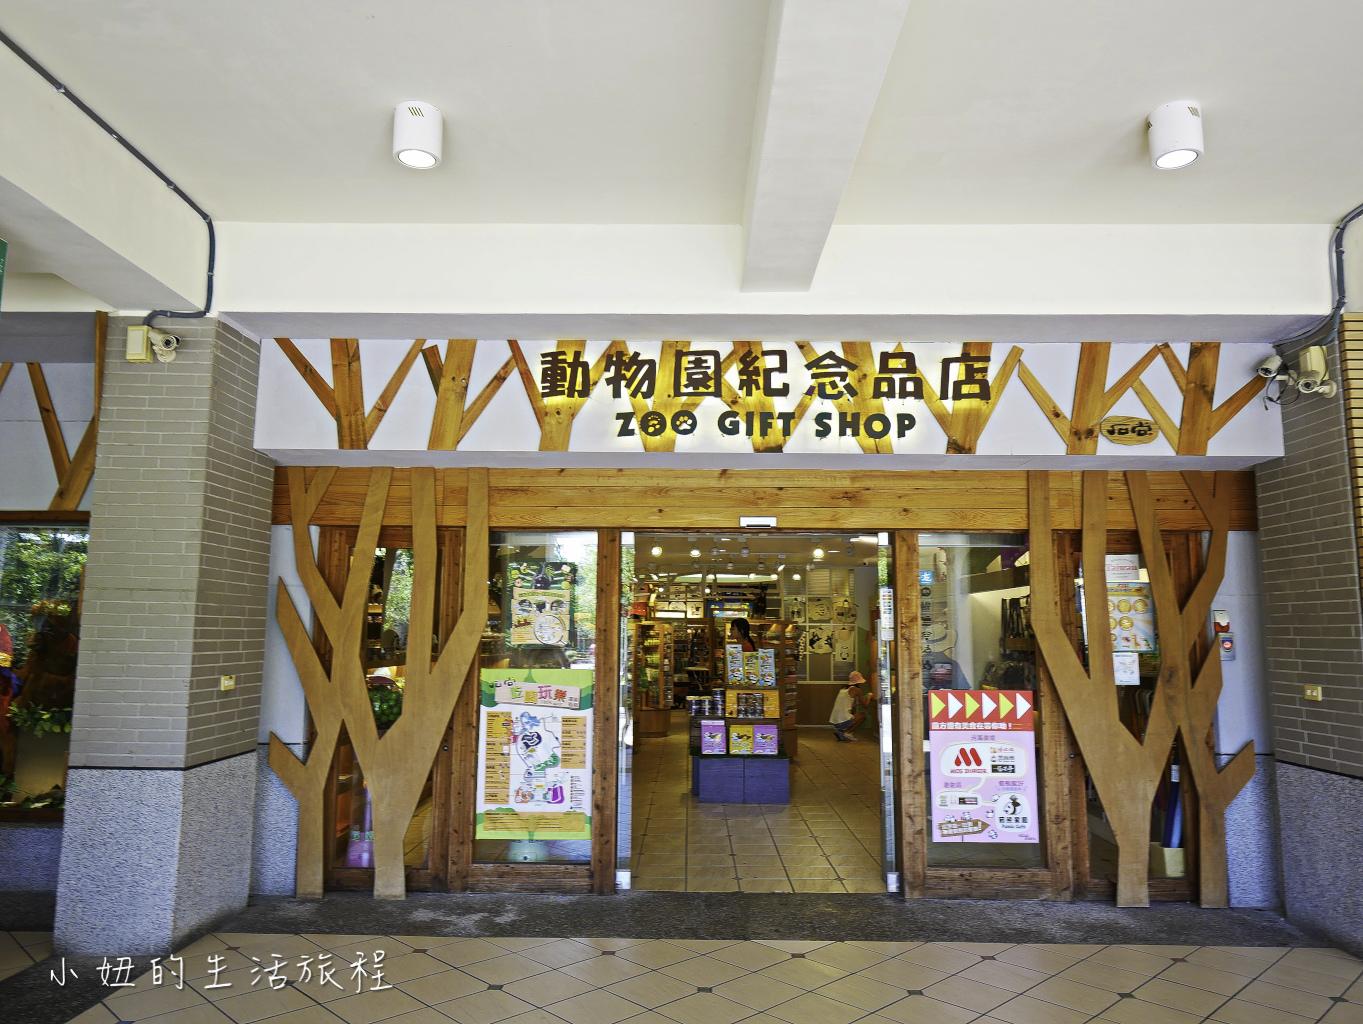 木柵動物園,穿山甲館,熱帶雨林館,2019-85.jpg